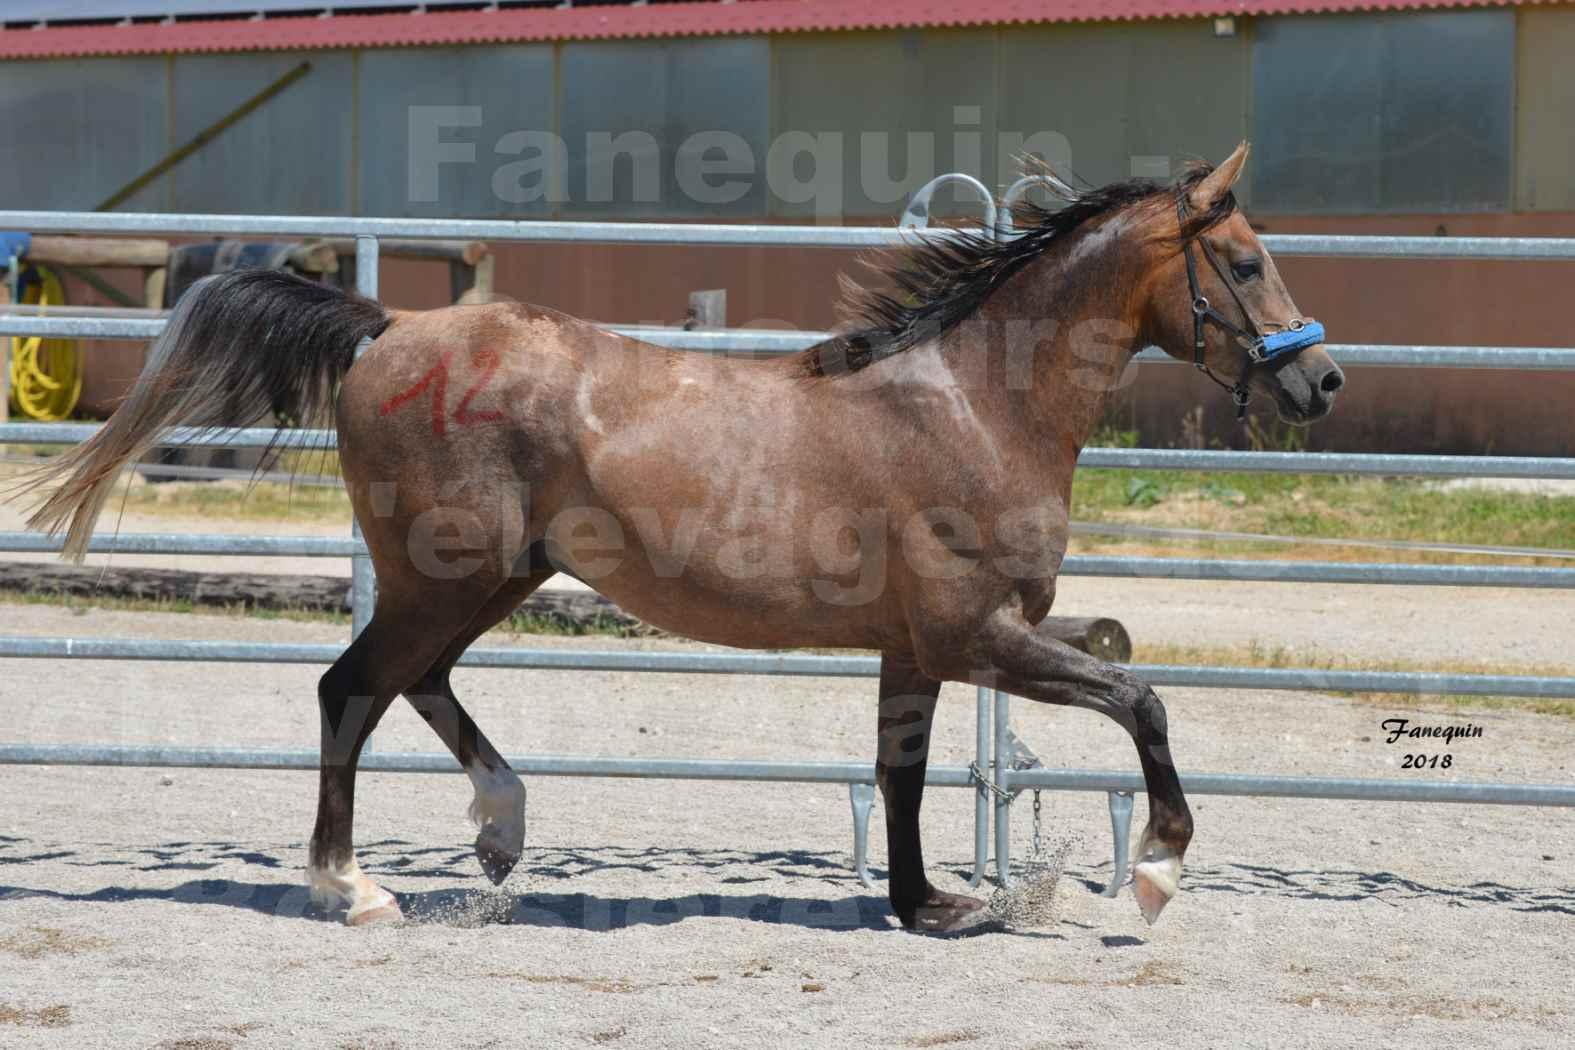 Concours d'Elevage de chevaux Arabes  le 27 juin 2018 à la BOISSIERE - MAREK LOTOIS - 7